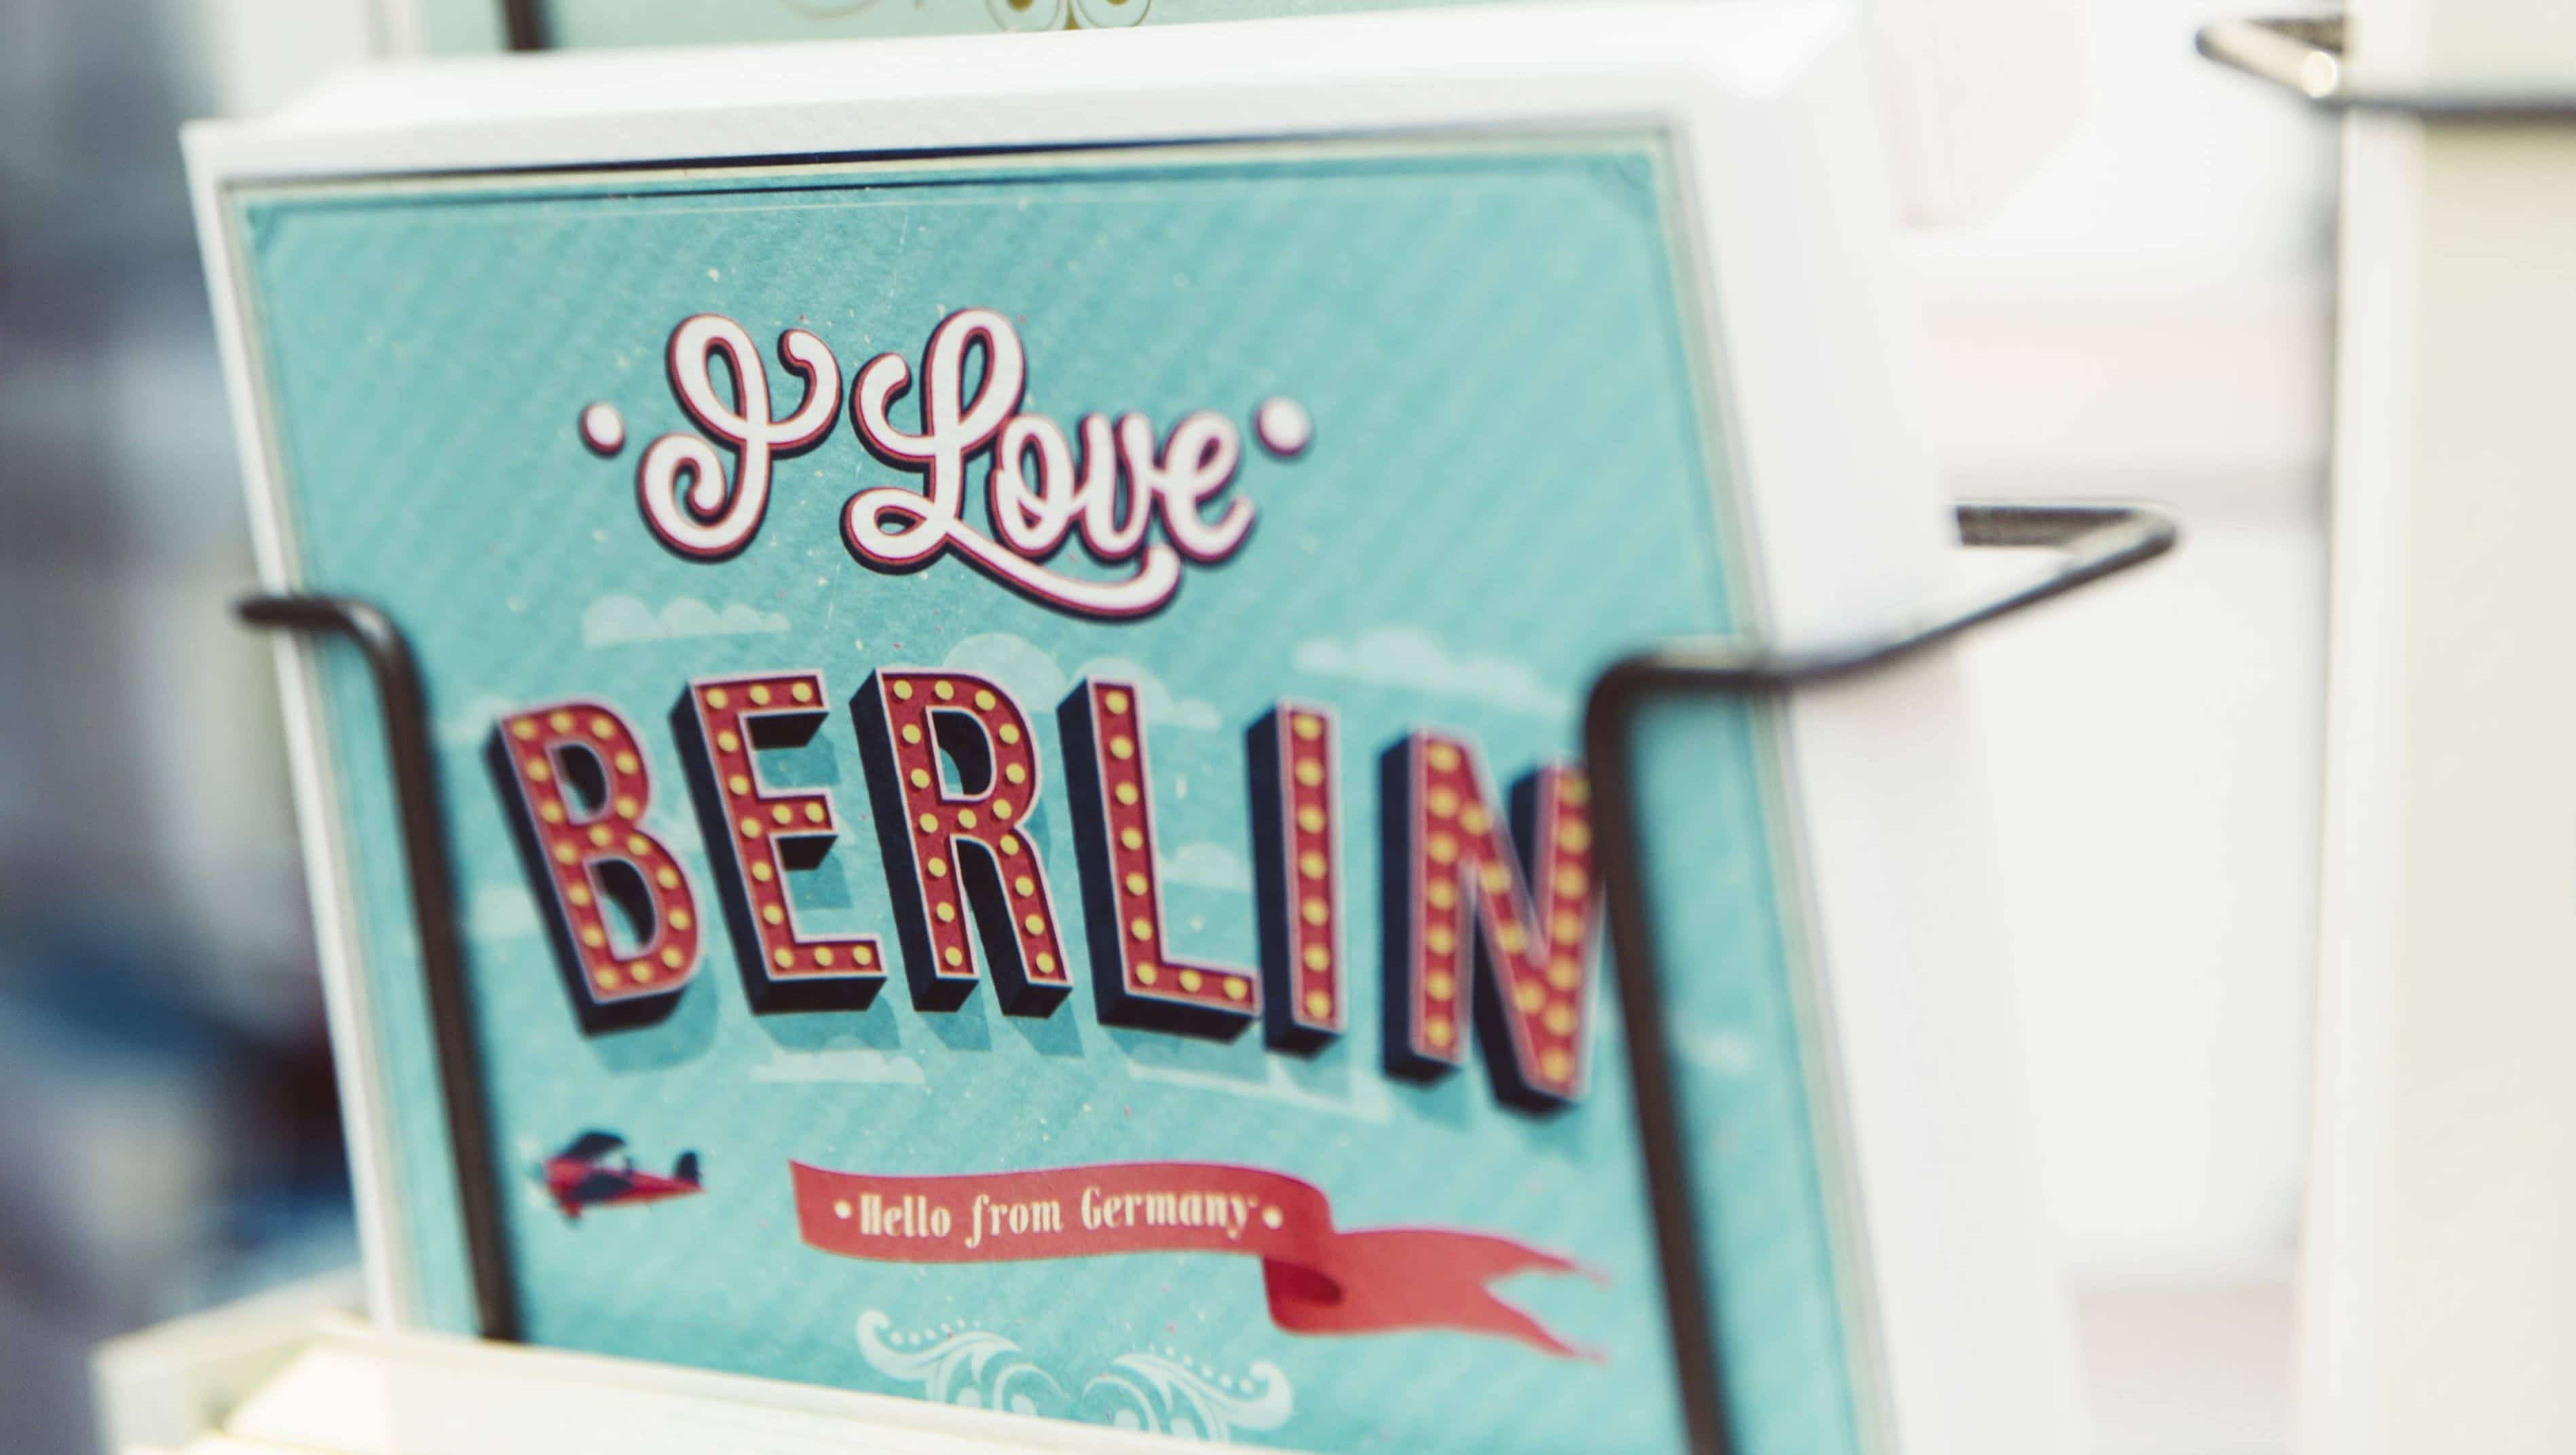 Voice Agency Berlin Germany